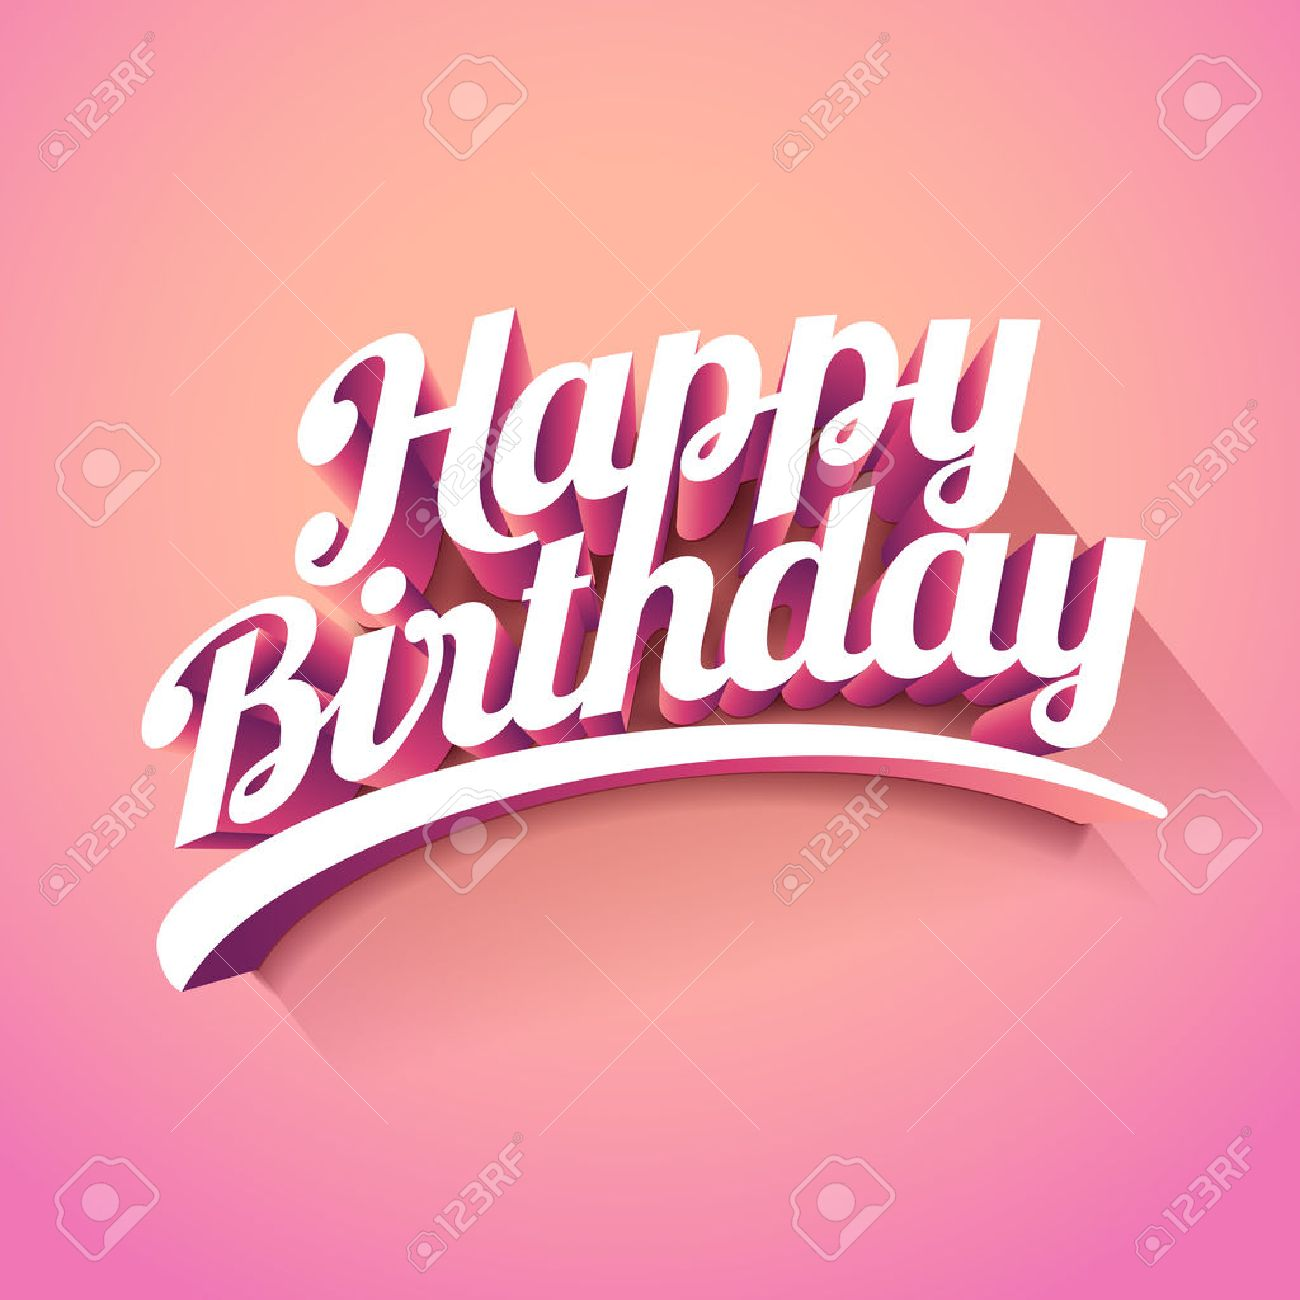 Happy Birthday custom 3d lettering typographic design. - 57838759